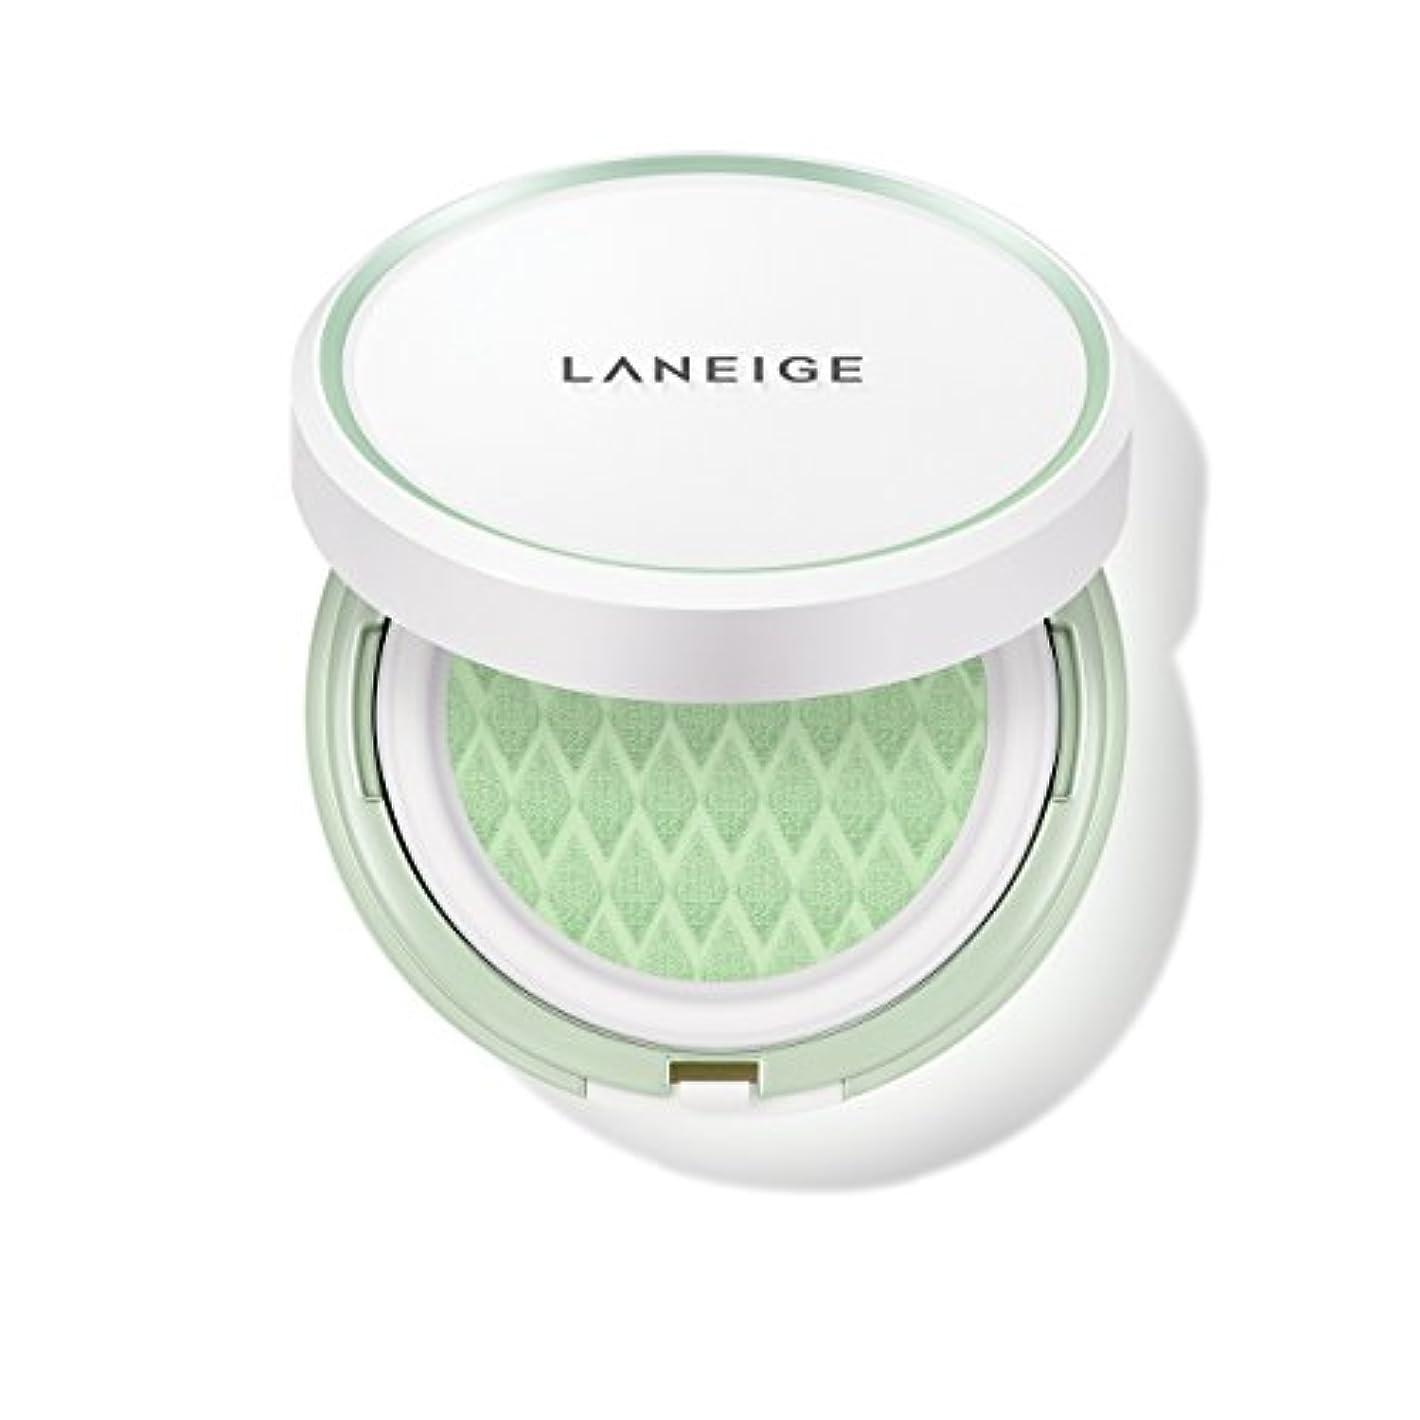 適合しました欺く何ラネージュ[LANEIGE]*AMOREPACIFIC*[新商品]スキンベなベースクッションSPF 22PA++(#60 Light Green) 15g*2 / LANEIGE Skin Veil Base Cushion...